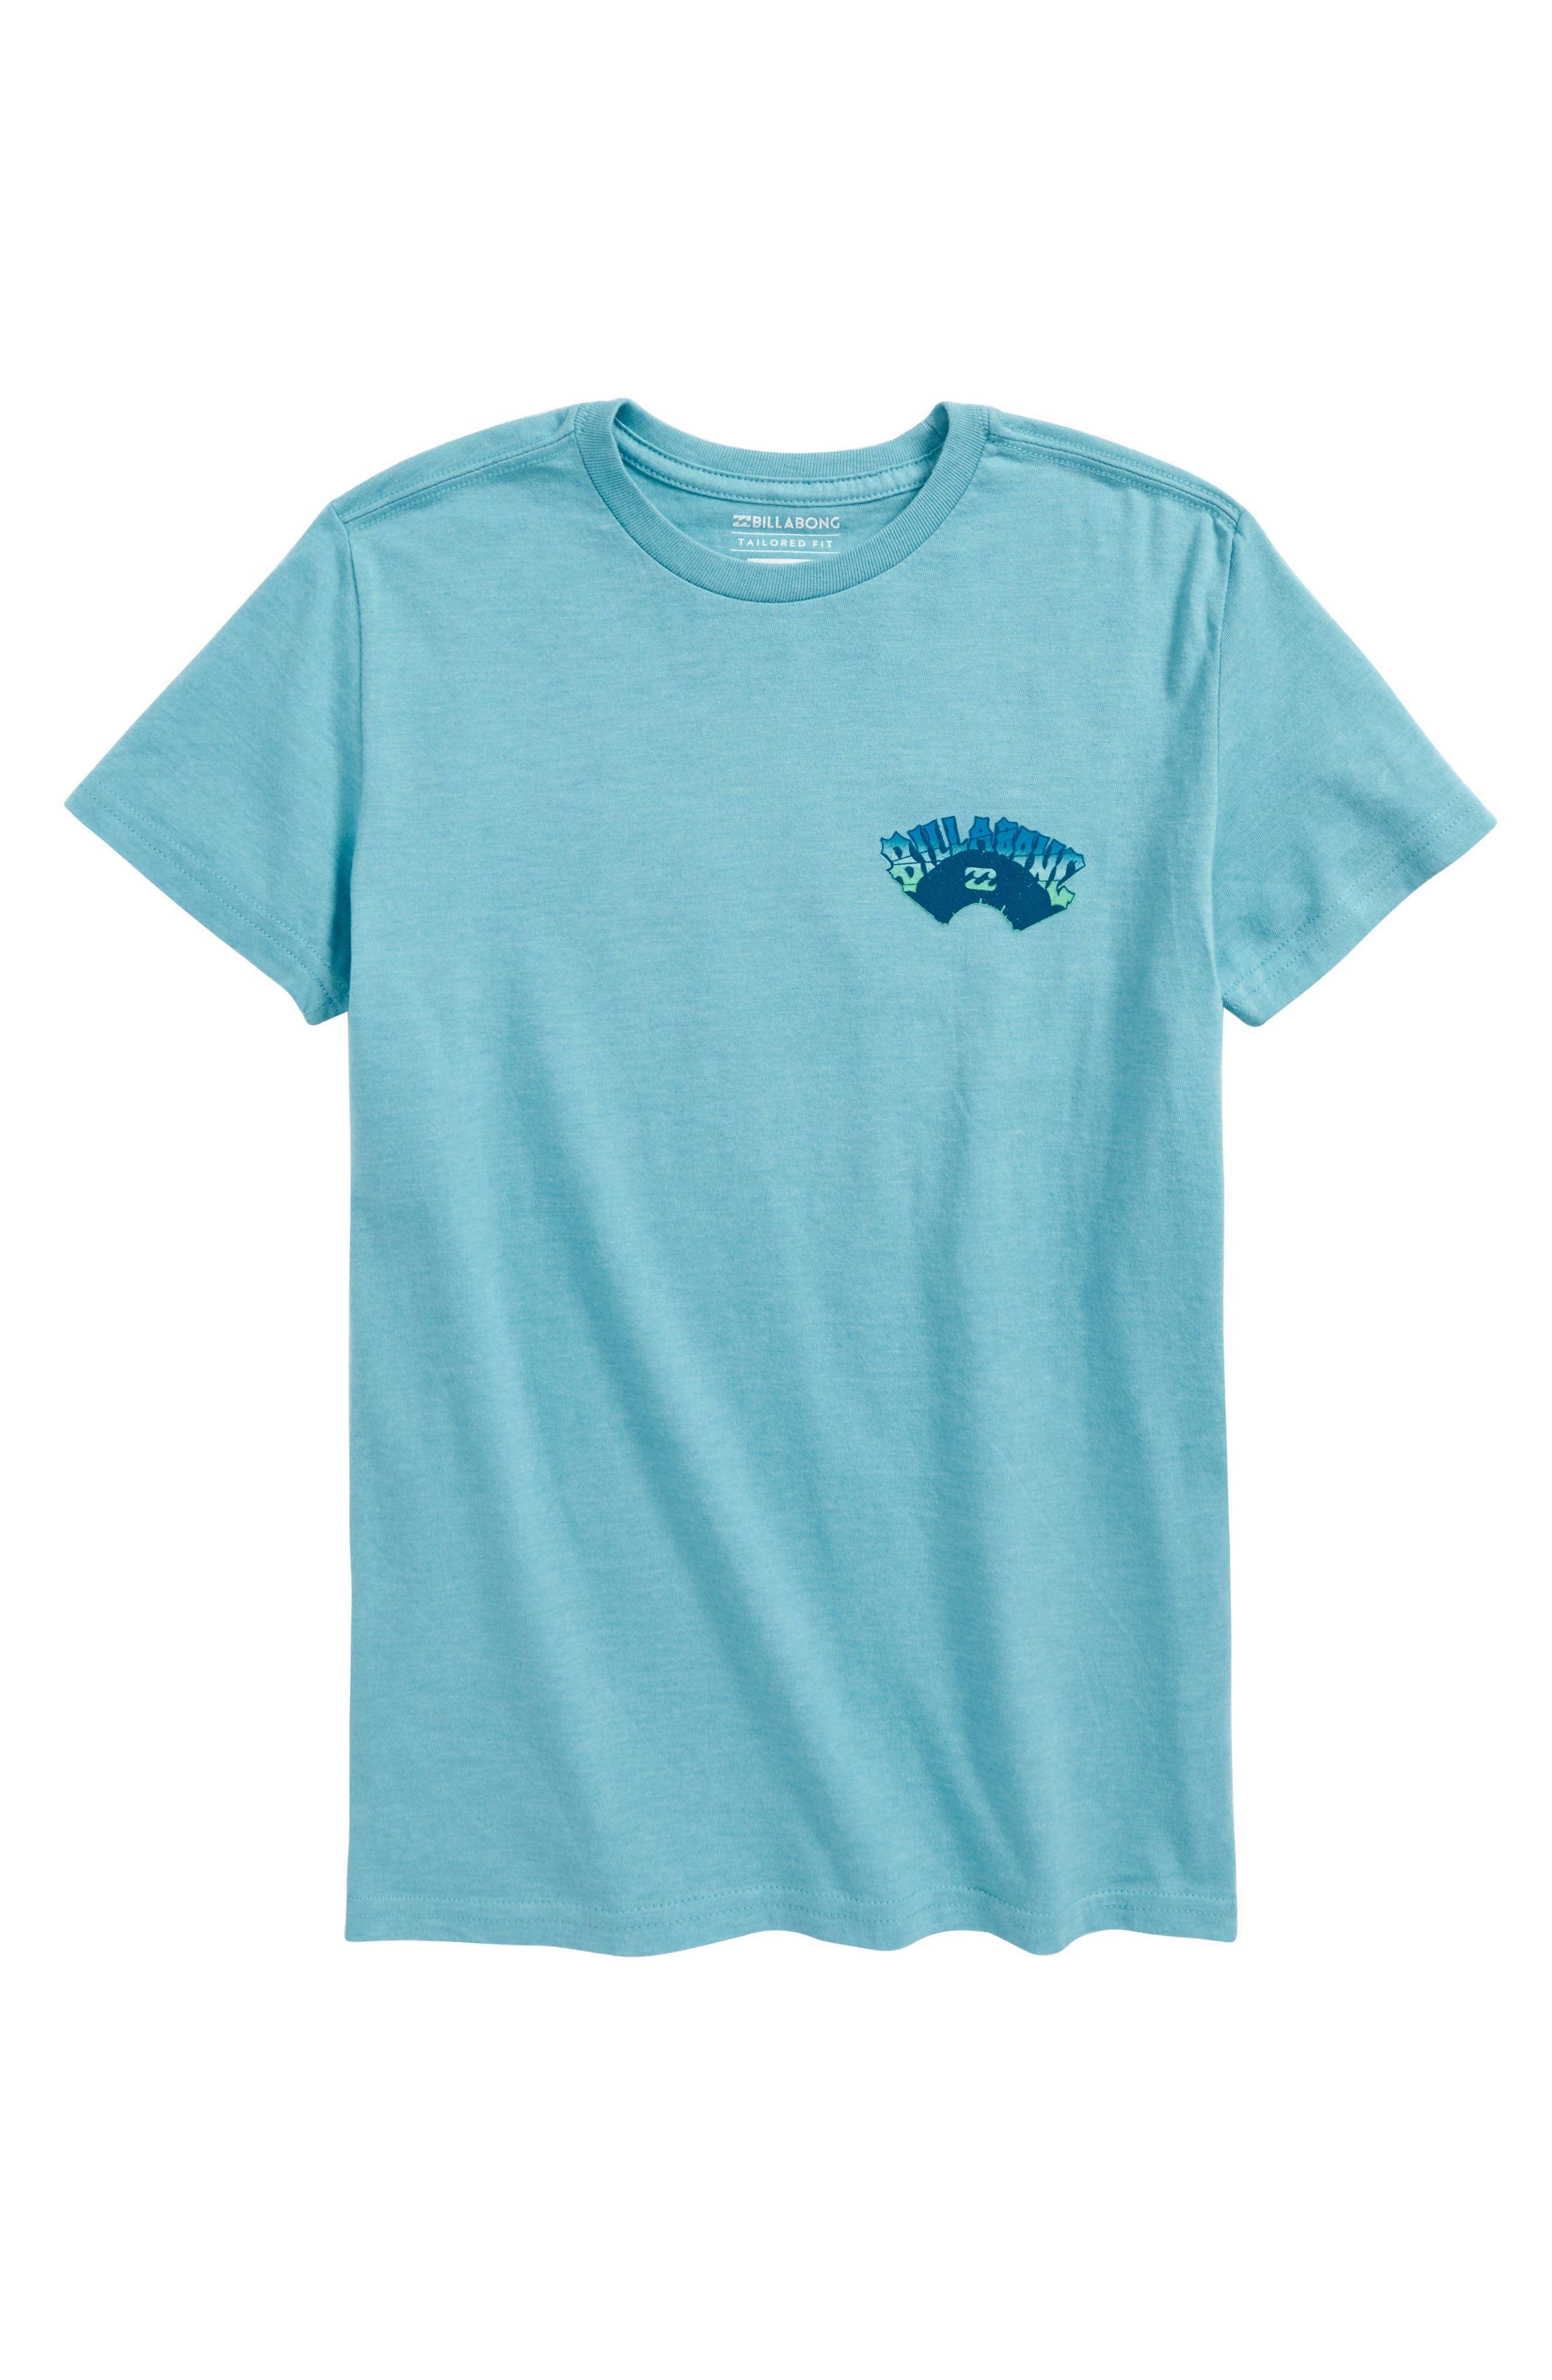 Main Image - Billabong Dicer Graphic T-Shirt (Big Boys)